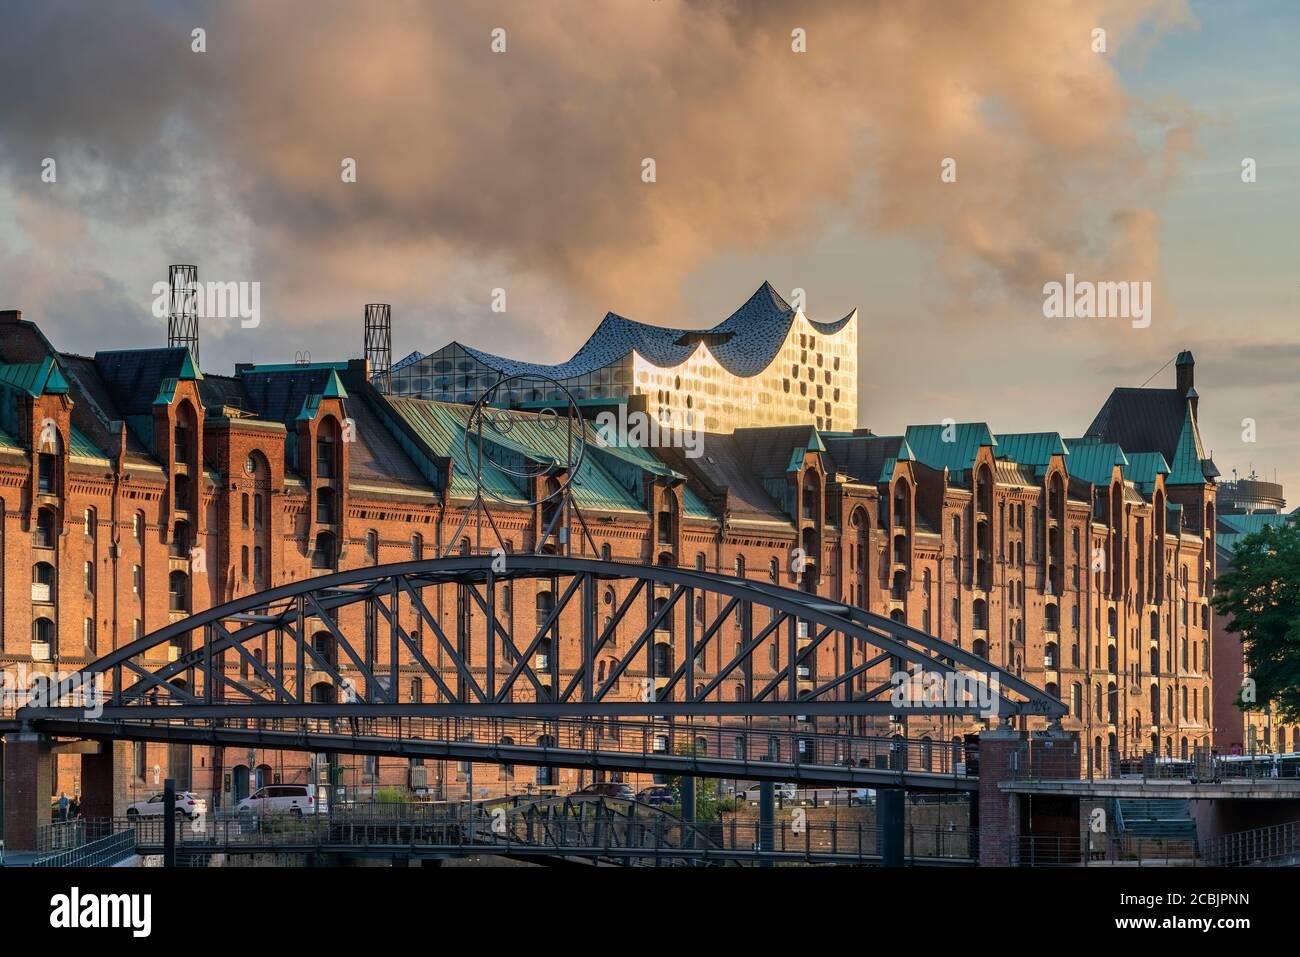 Speicherstadt Hamburg, Elbphilharmonie, HafenCity, Hambourg, Allemagne Banque D'Images